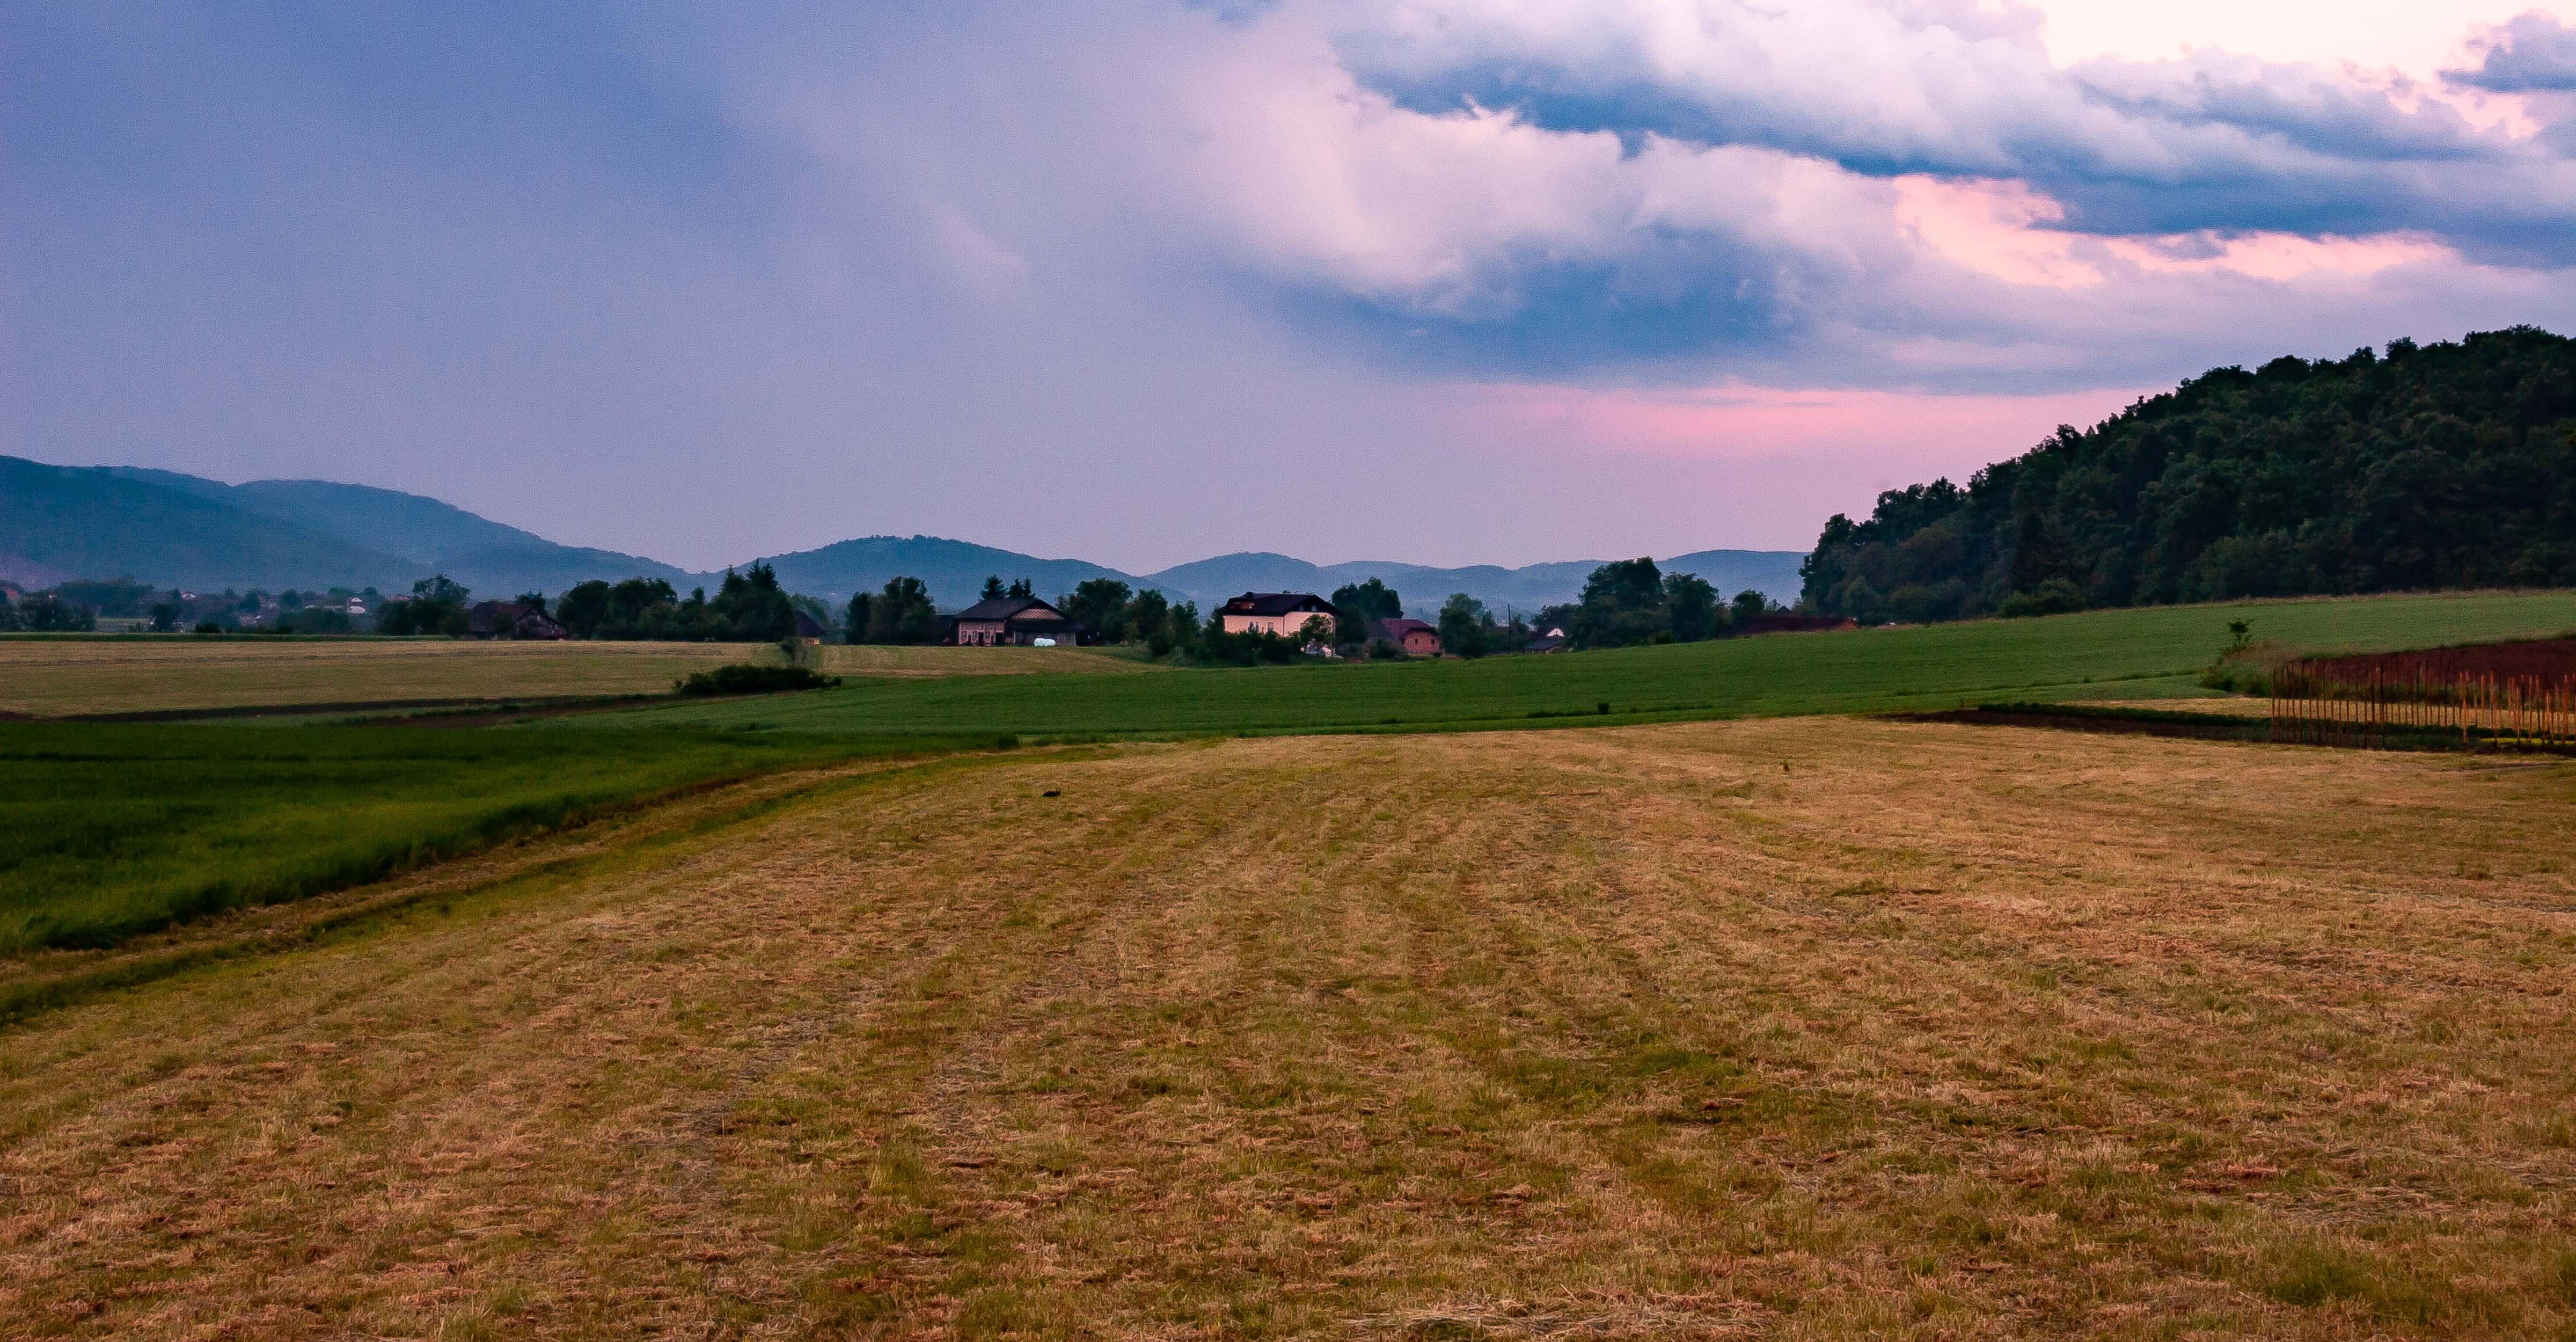 Slovenia, Metlika Prov, Landscape, 2006, IMG 7379